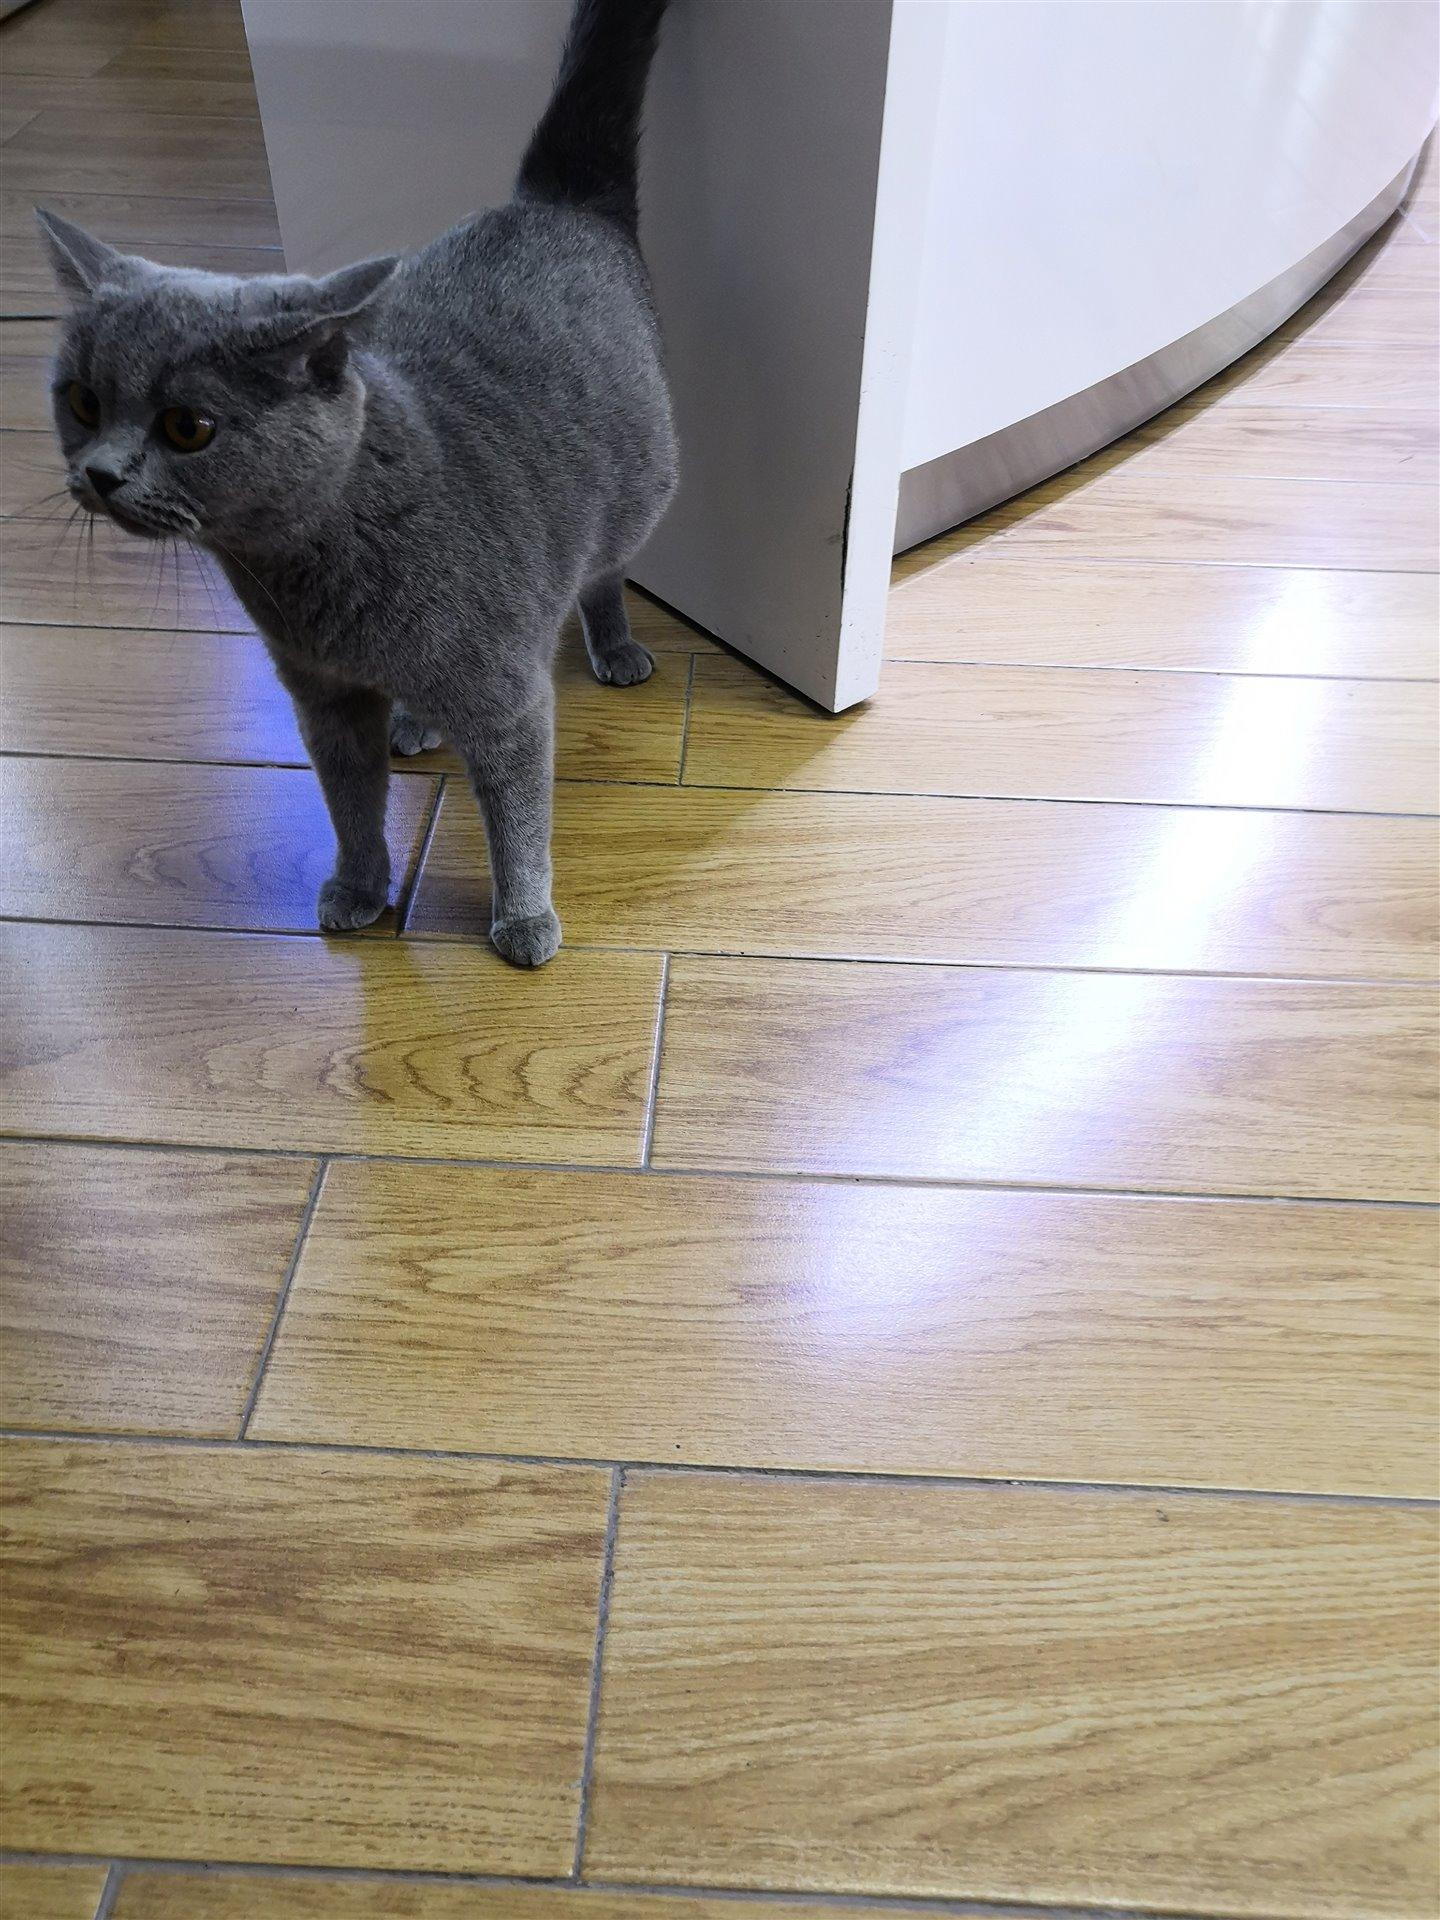 灰色英短猫失物招领